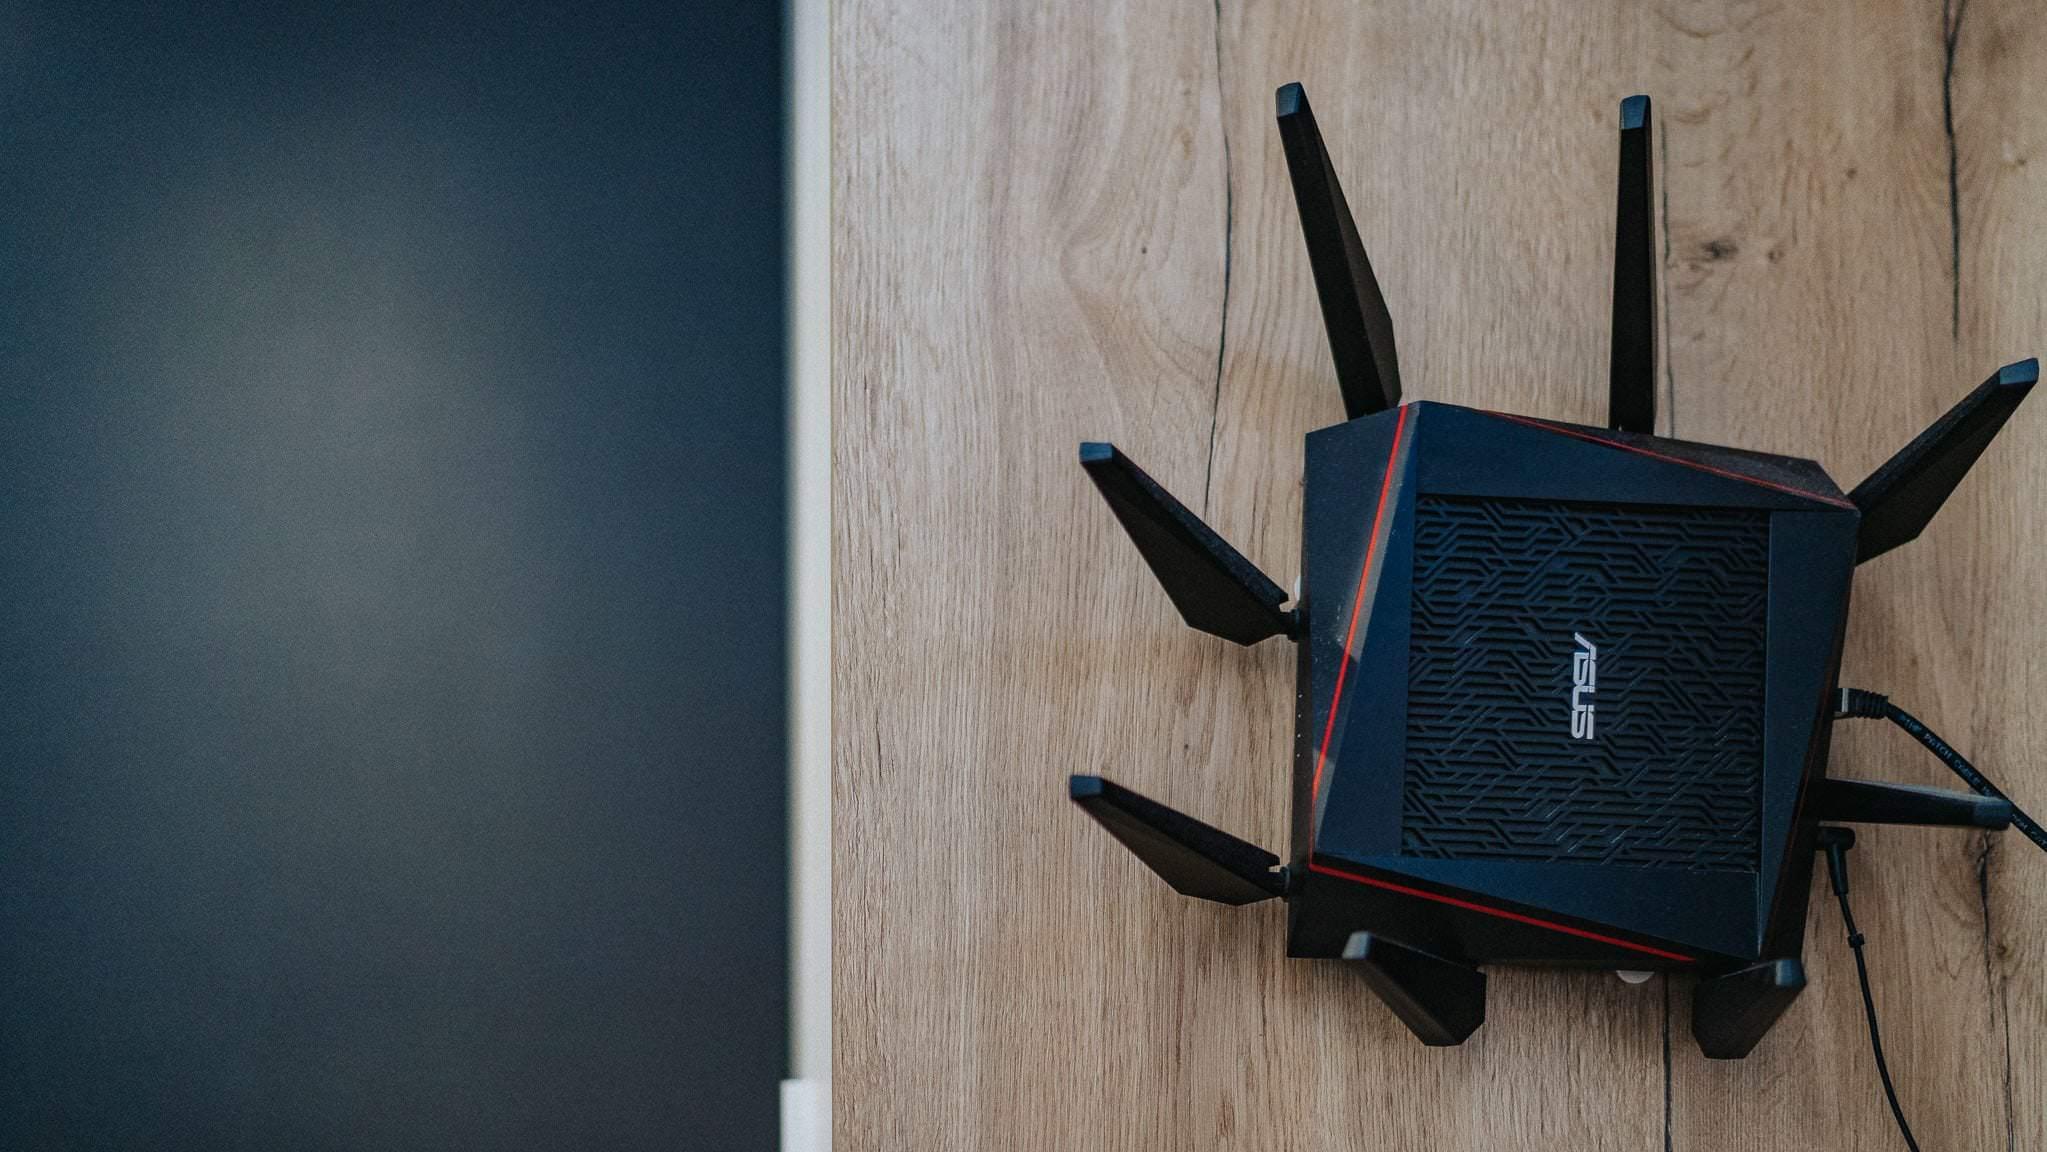 szybka siec wifi